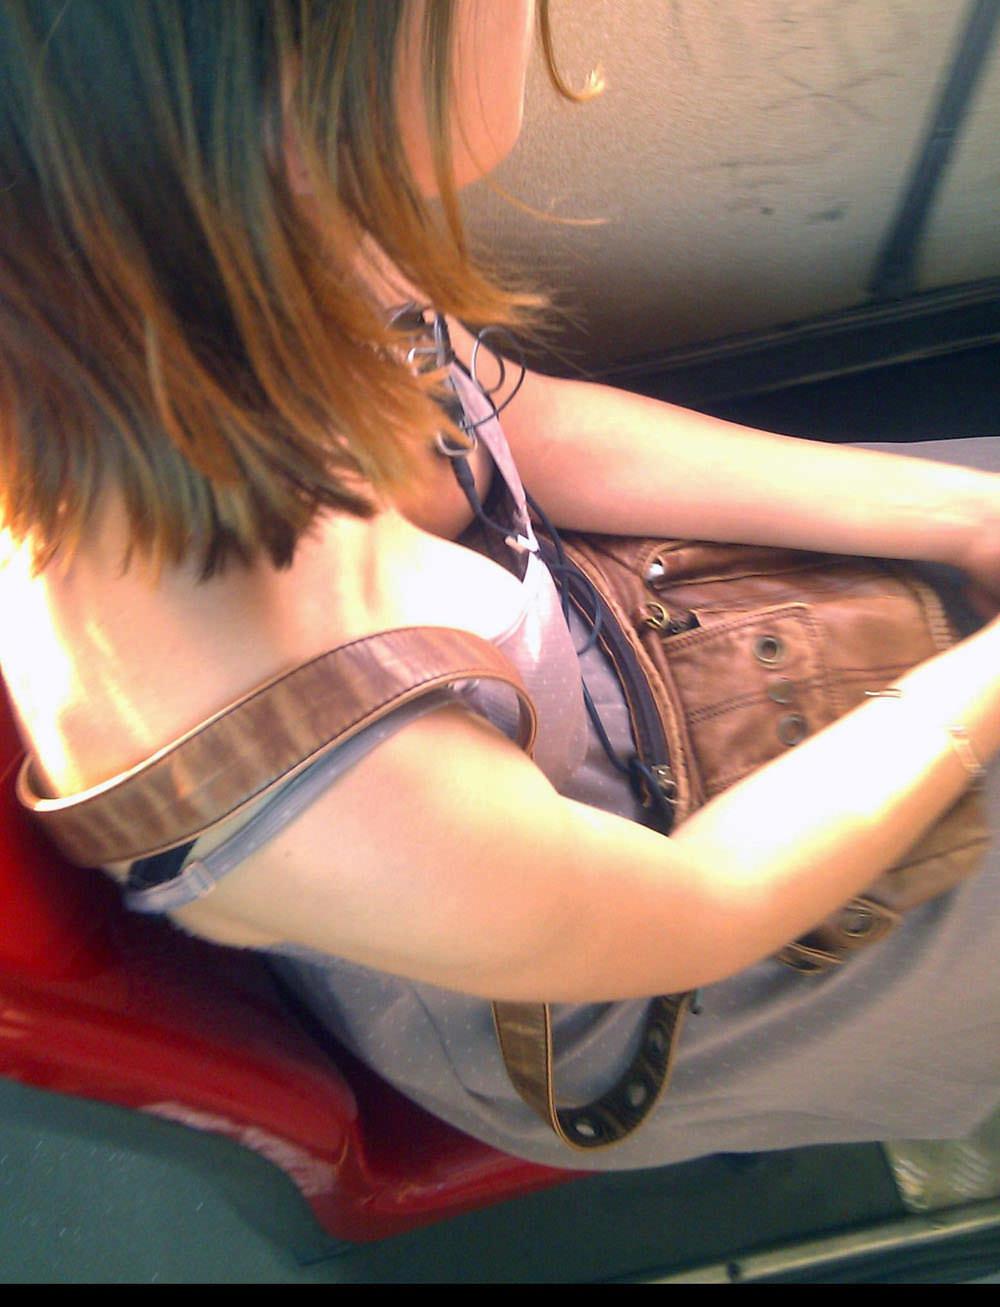 女友達の胸チラ乳首を偶然見てしまった結果wwwオナニーのしすぎで明日学校休みますwww 15131